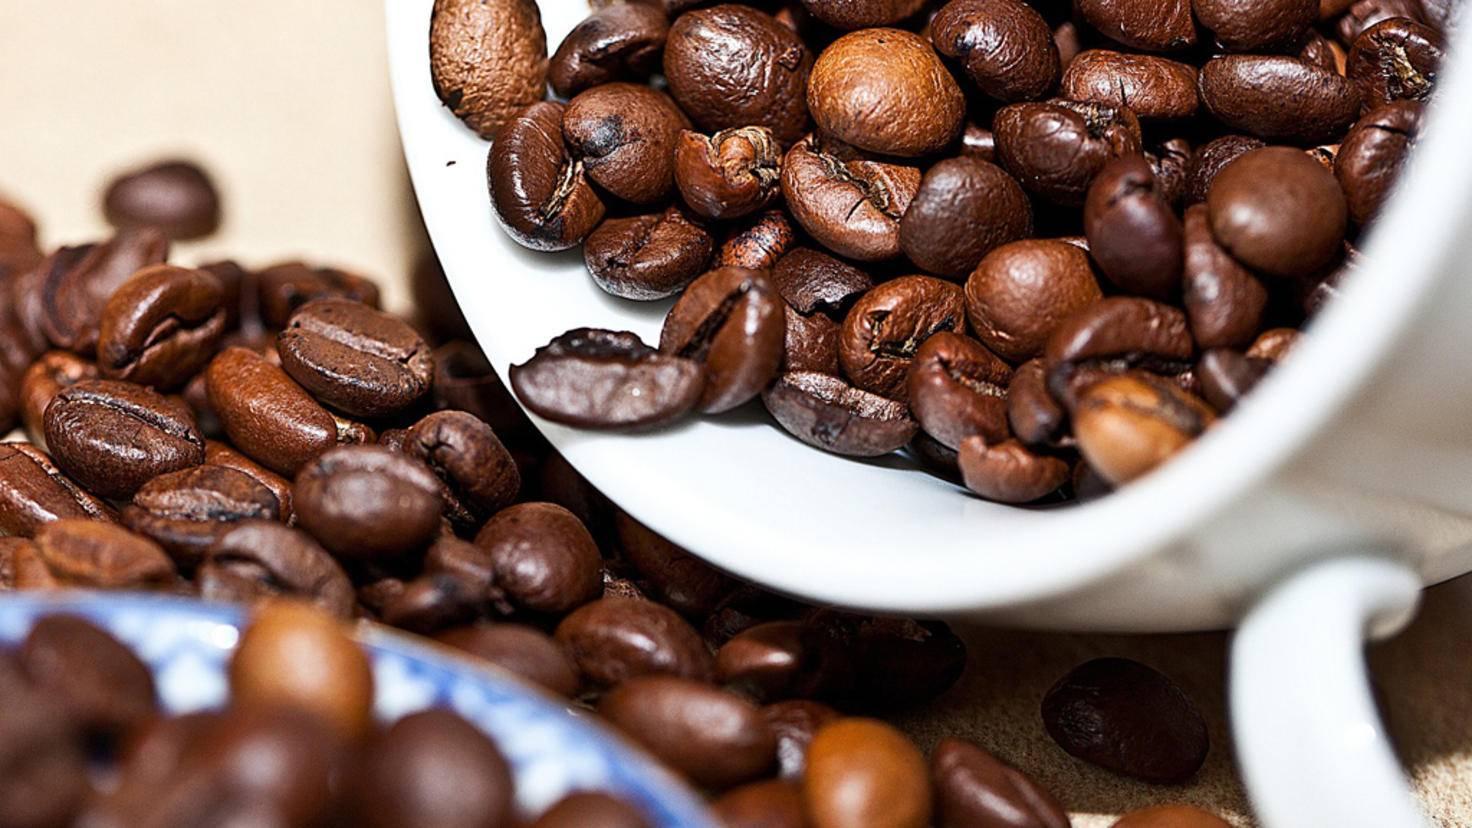 Die Basis jedes guten Filterkaffees sind gute Kaffeebohnen.